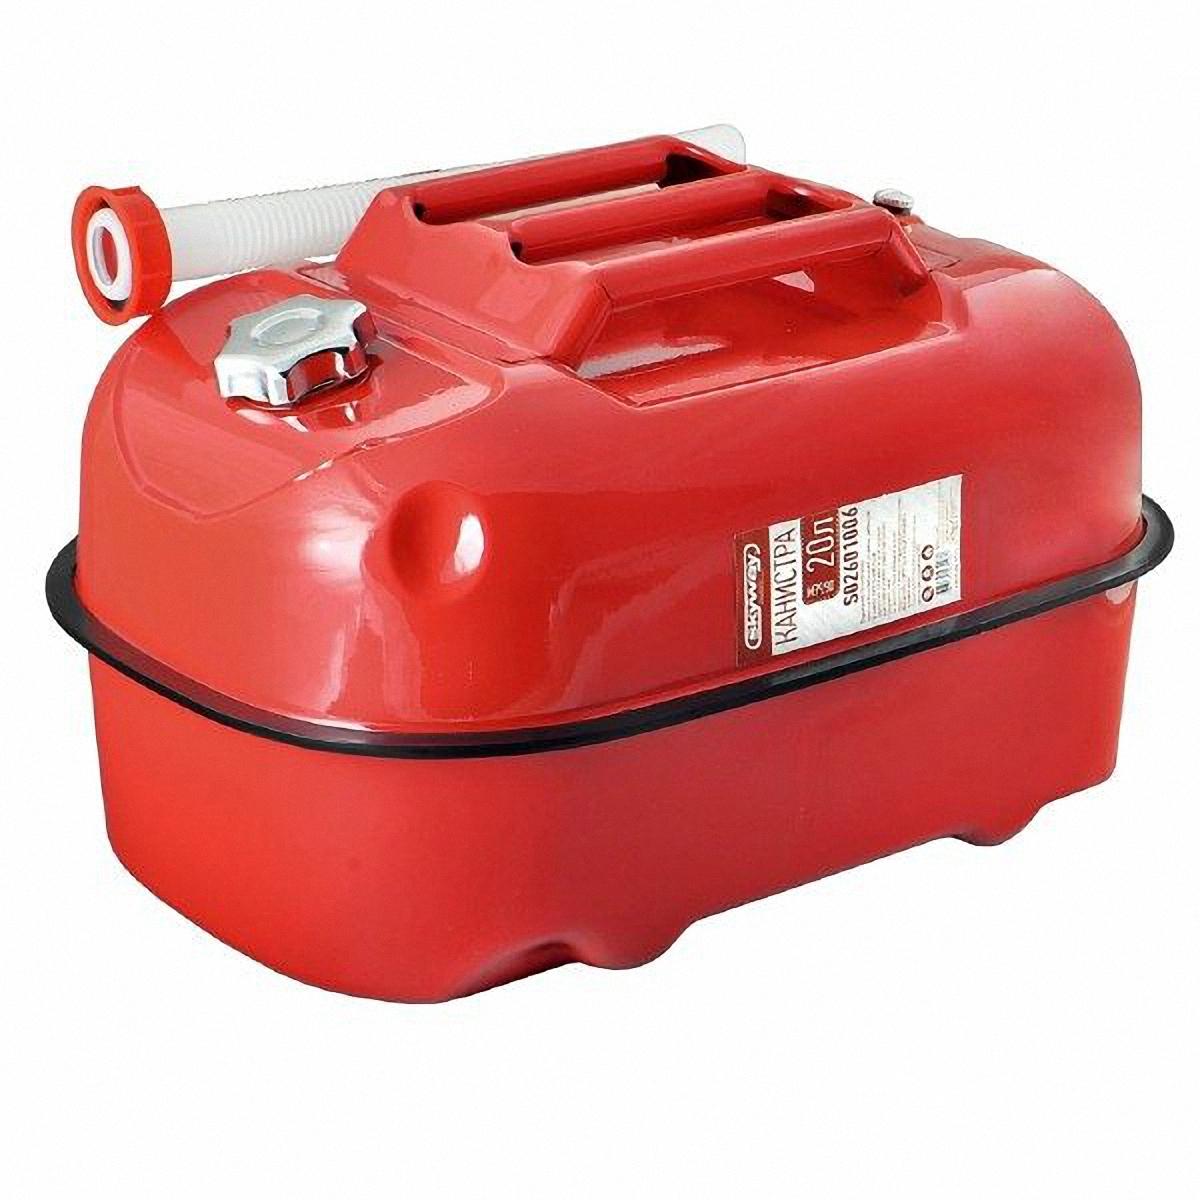 Канистра Skyway, цвет: красный, 20 лВетерок 2ГФМеталлическая канистра предназначена для хранения жидкостей, в том числе топлива и топливных смесей. Изготовлена из стали холодного проката, что обеспечивает повышенную прочность. Внешняя поверхность оцинкована и окрашена. Внутреннее фосфатированное антикоррозийное покрытие препятствует образованию ржавчины. Ребра жесткости на боковых поверхностях канистры придают ей прочность при механических воздействиях. Устойчивая конструкция канистры предотвращает ее перемещение в багажнике при интенсивном движении, снижая уровень нежелательного шума. Механический механизм горловины предохраняет содержимое от протекания, а особые материалы резиновой прокладки придают ей высокую долговечность и устойчивость к механическим повреждениям в процессе эксплуатации.Конструкция рычажного механизма крышки предотвращает появления люфта при активной эксплуатации. Специализированная форма носика исключает проливание жидкости. В комплект входит трубка-лейка, что позволяет наполнить любую неудобно расположенную емкость.